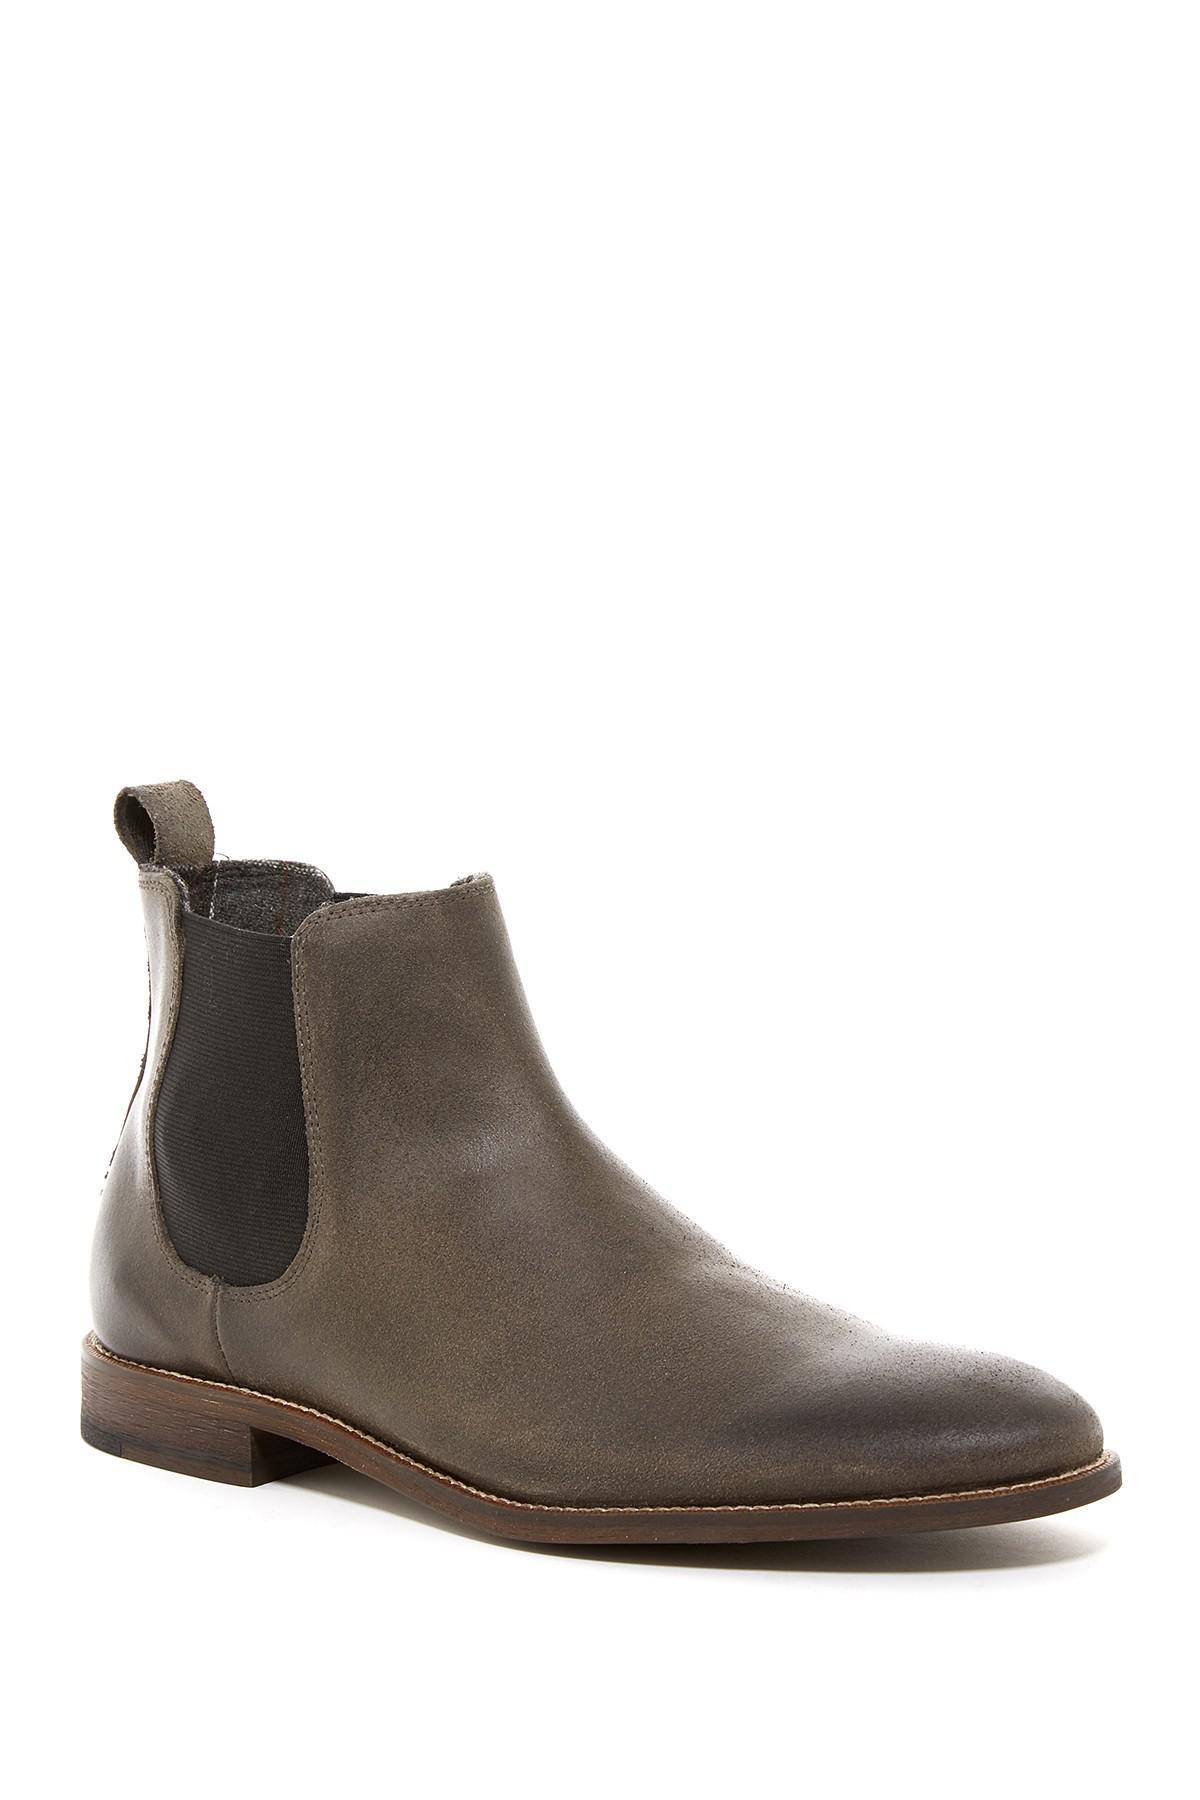 Mens Gordon Rush Ferguson Boots Black ZVH46695